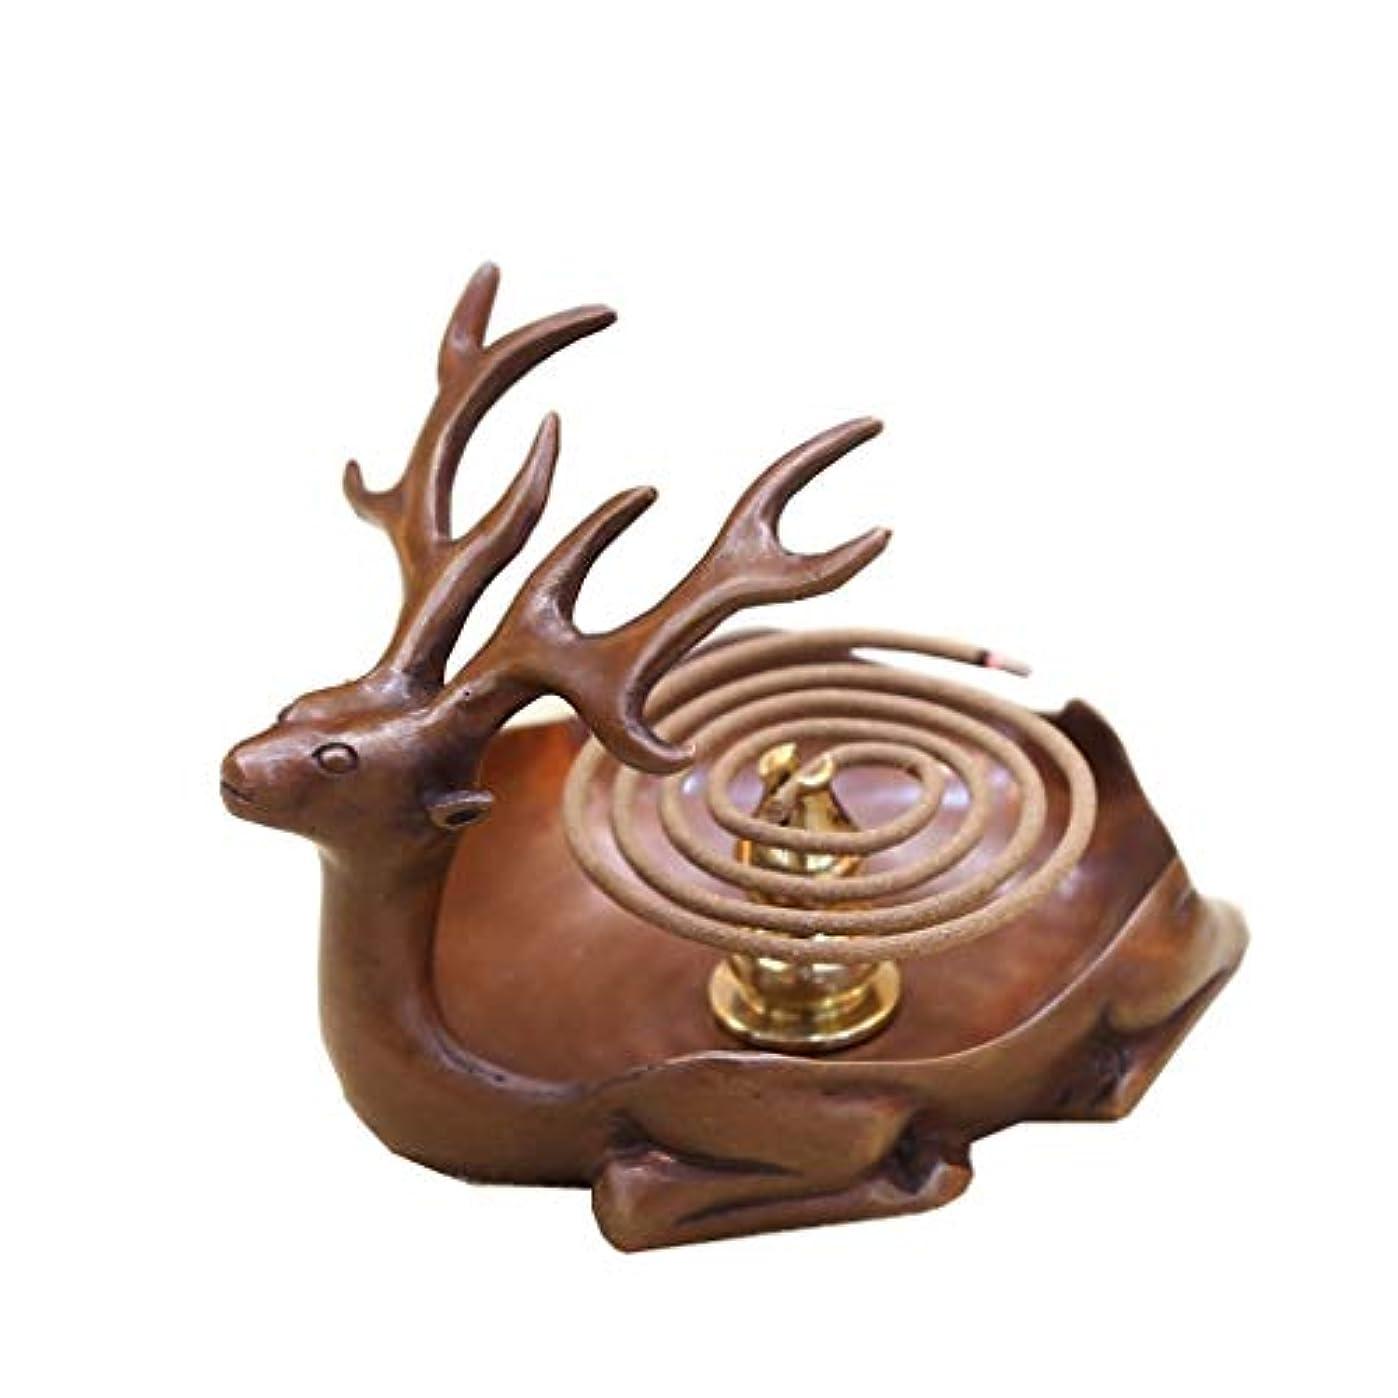 差し迫った征服する対処ホームアロマバーナー 純粋な銅アンティーク子鹿香バーナーホーム屋内香ビャクダン茶セレモニー香バーナー装飾 アロマバーナー (Color : Brown)